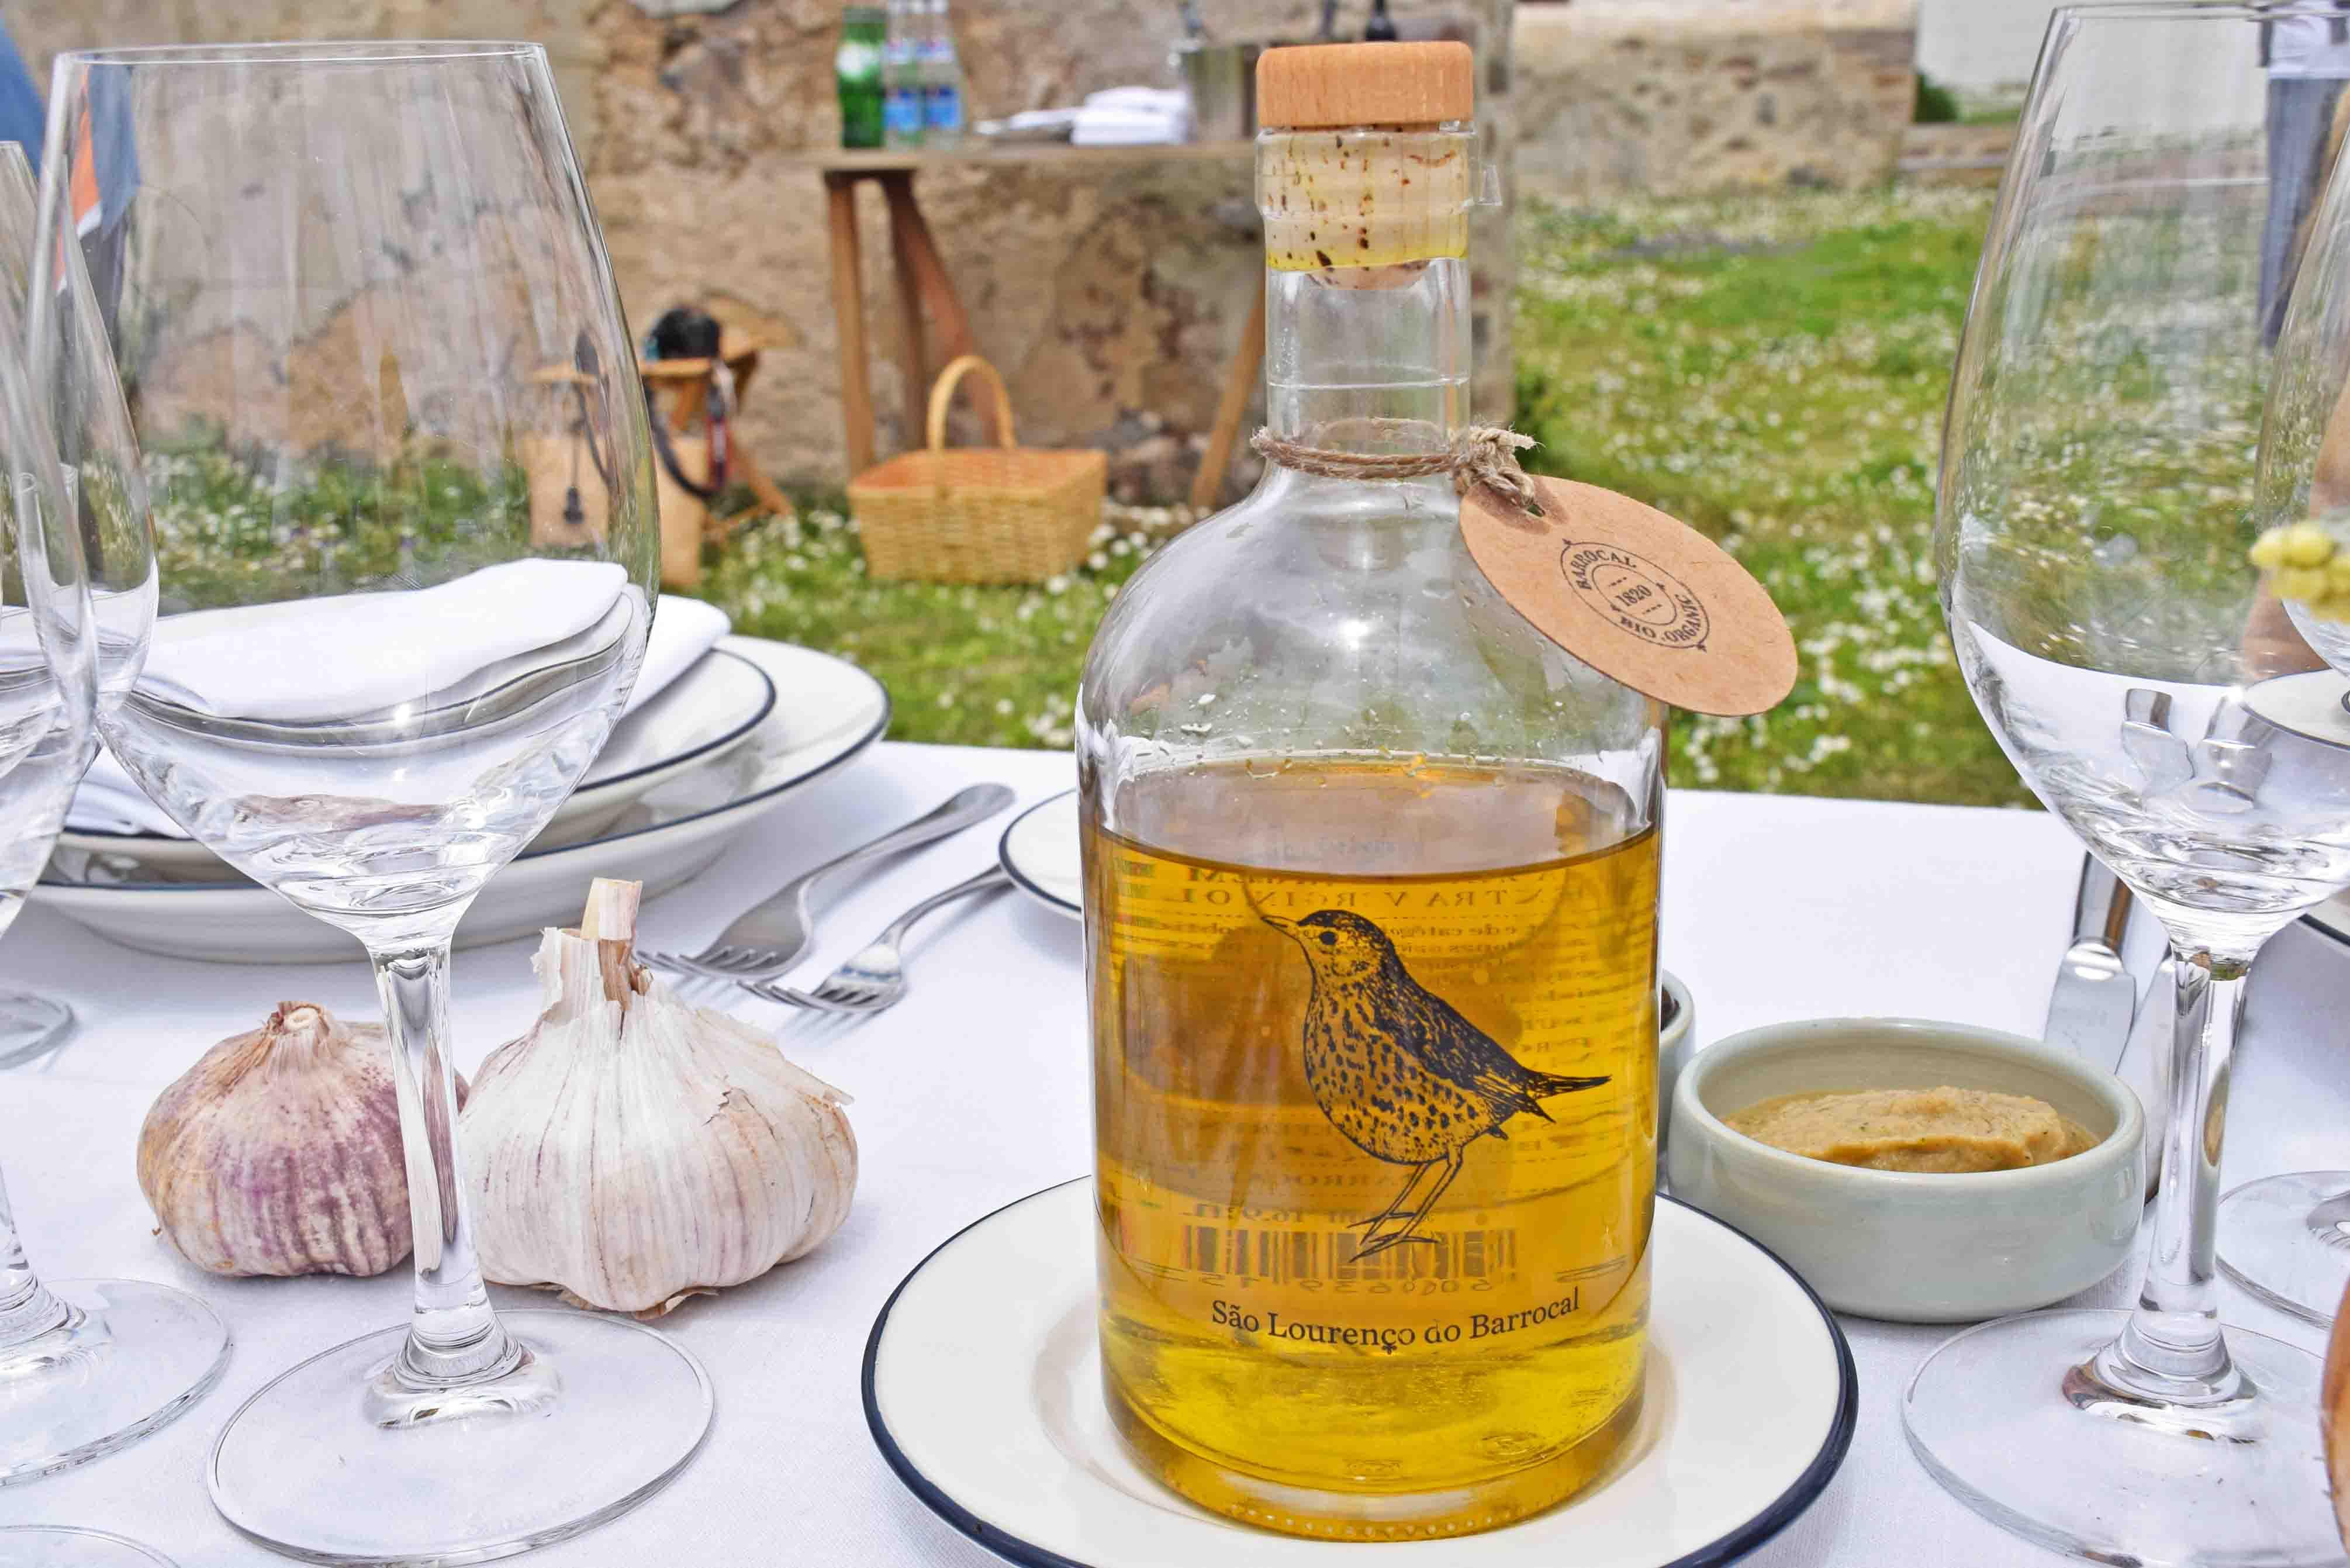 Azeite São Lourenço do Barrocal - Alentejo - Portugal